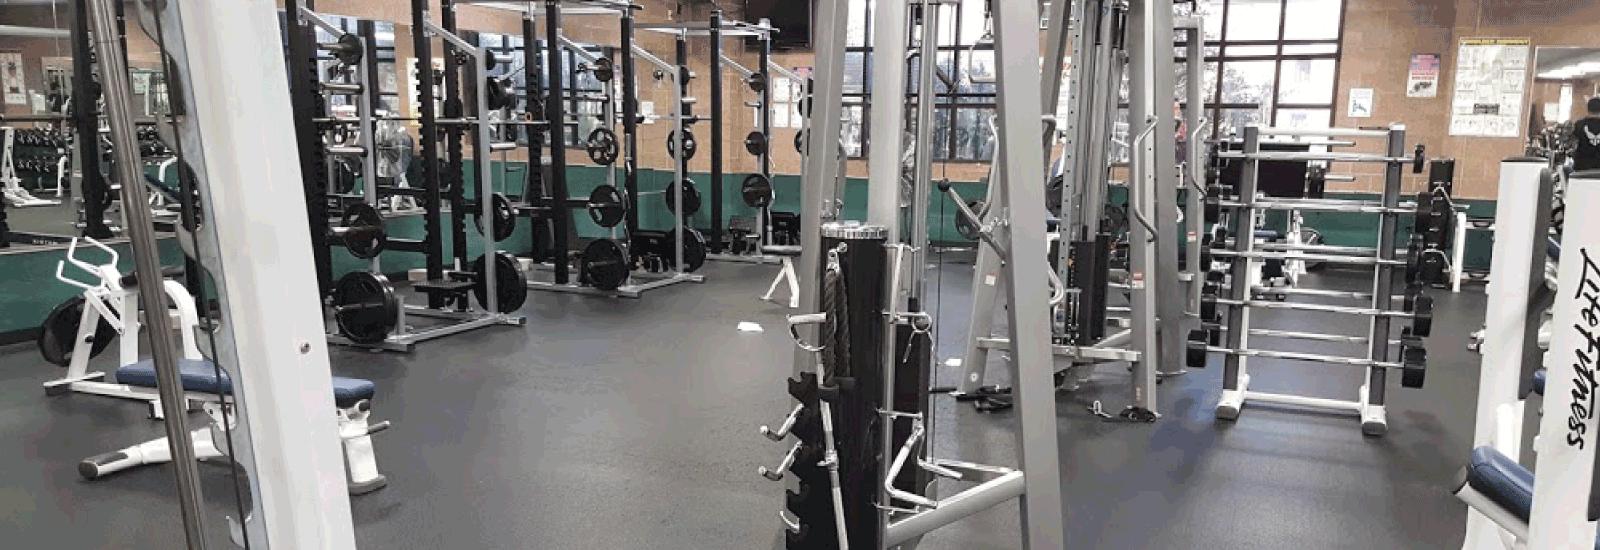 Sheppard AFB Gym